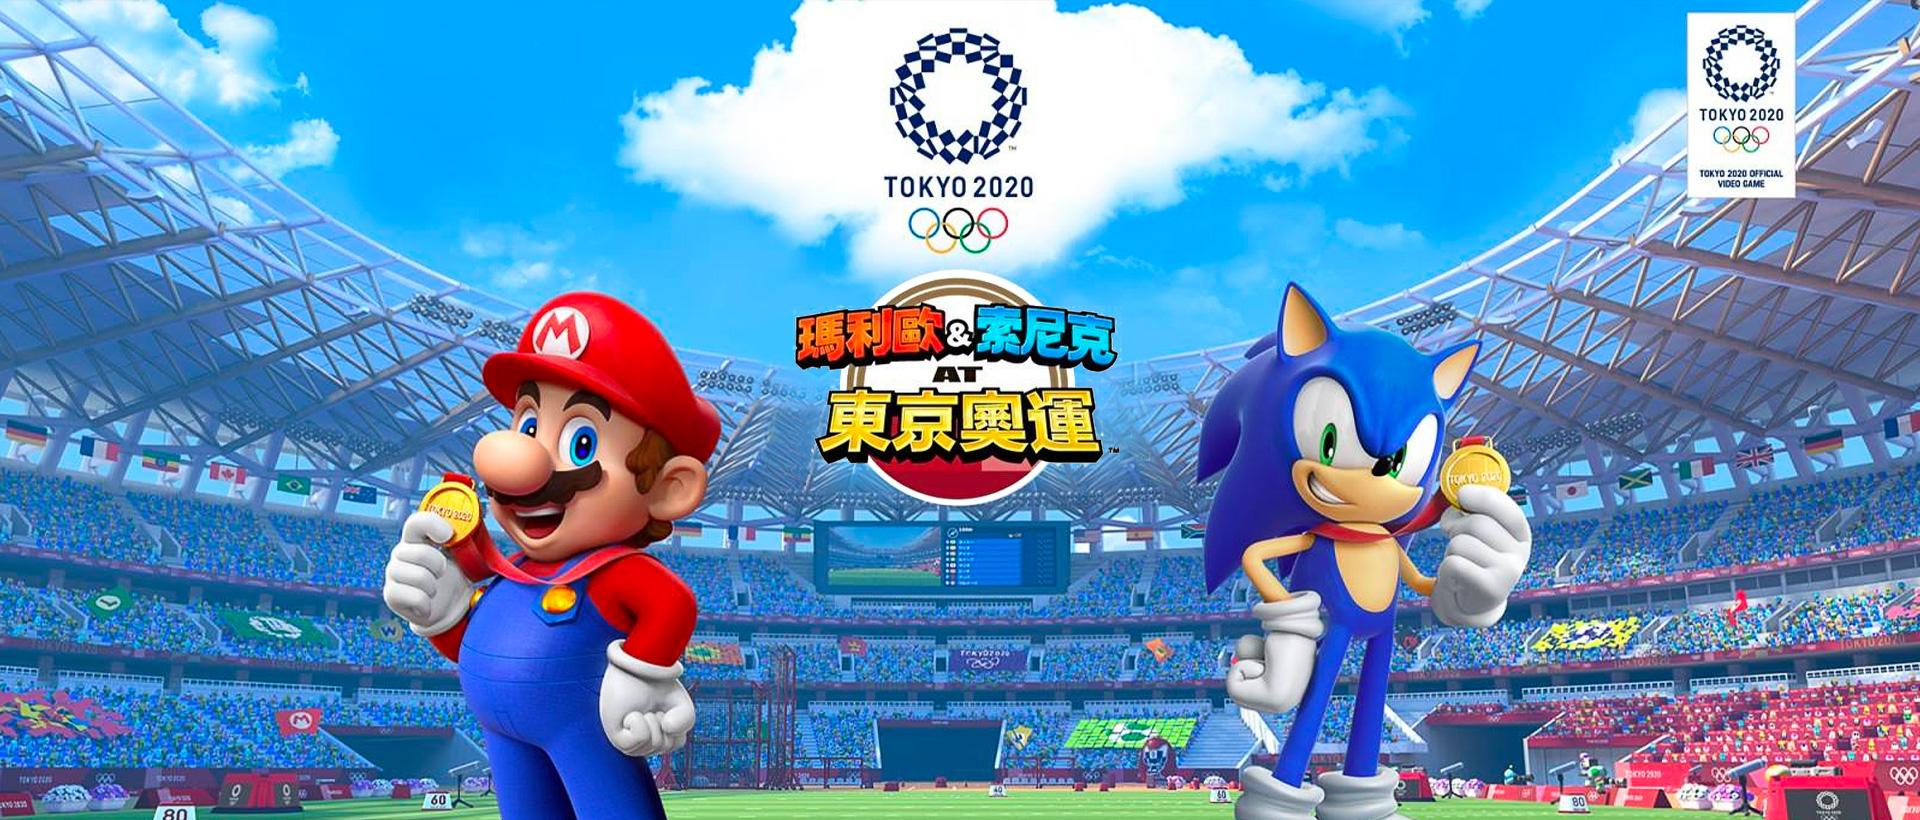 索尼克 AT 2020東京奧運